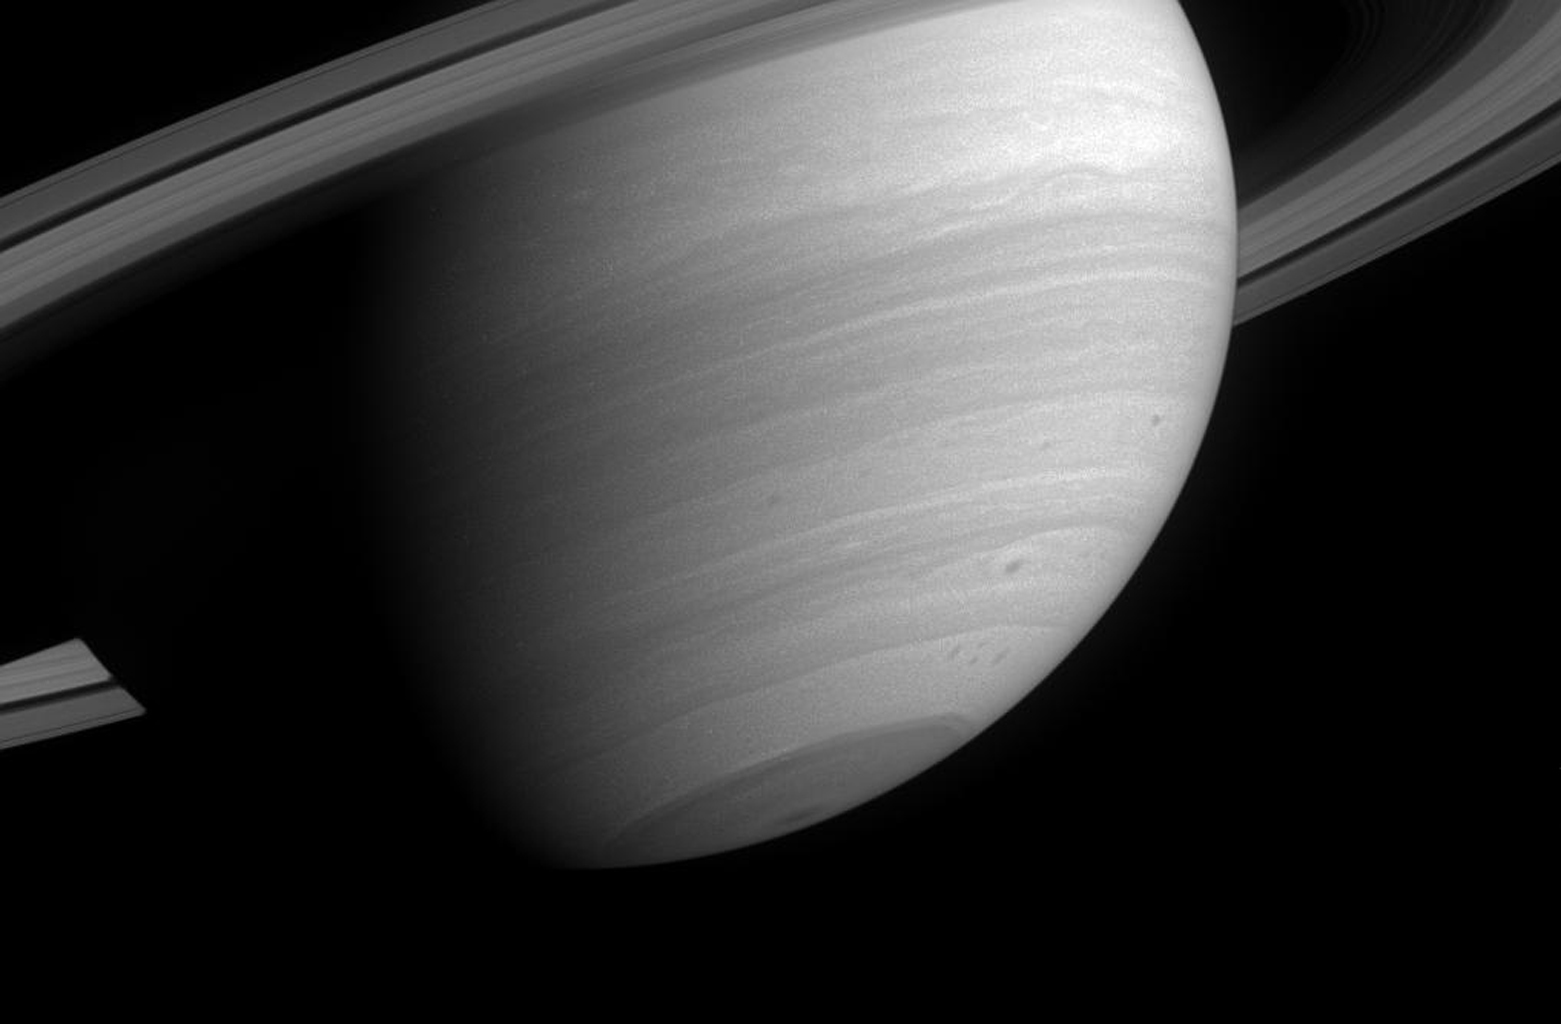 фрукт овощи реальные фото сатурна из космоса город-это уникальное место